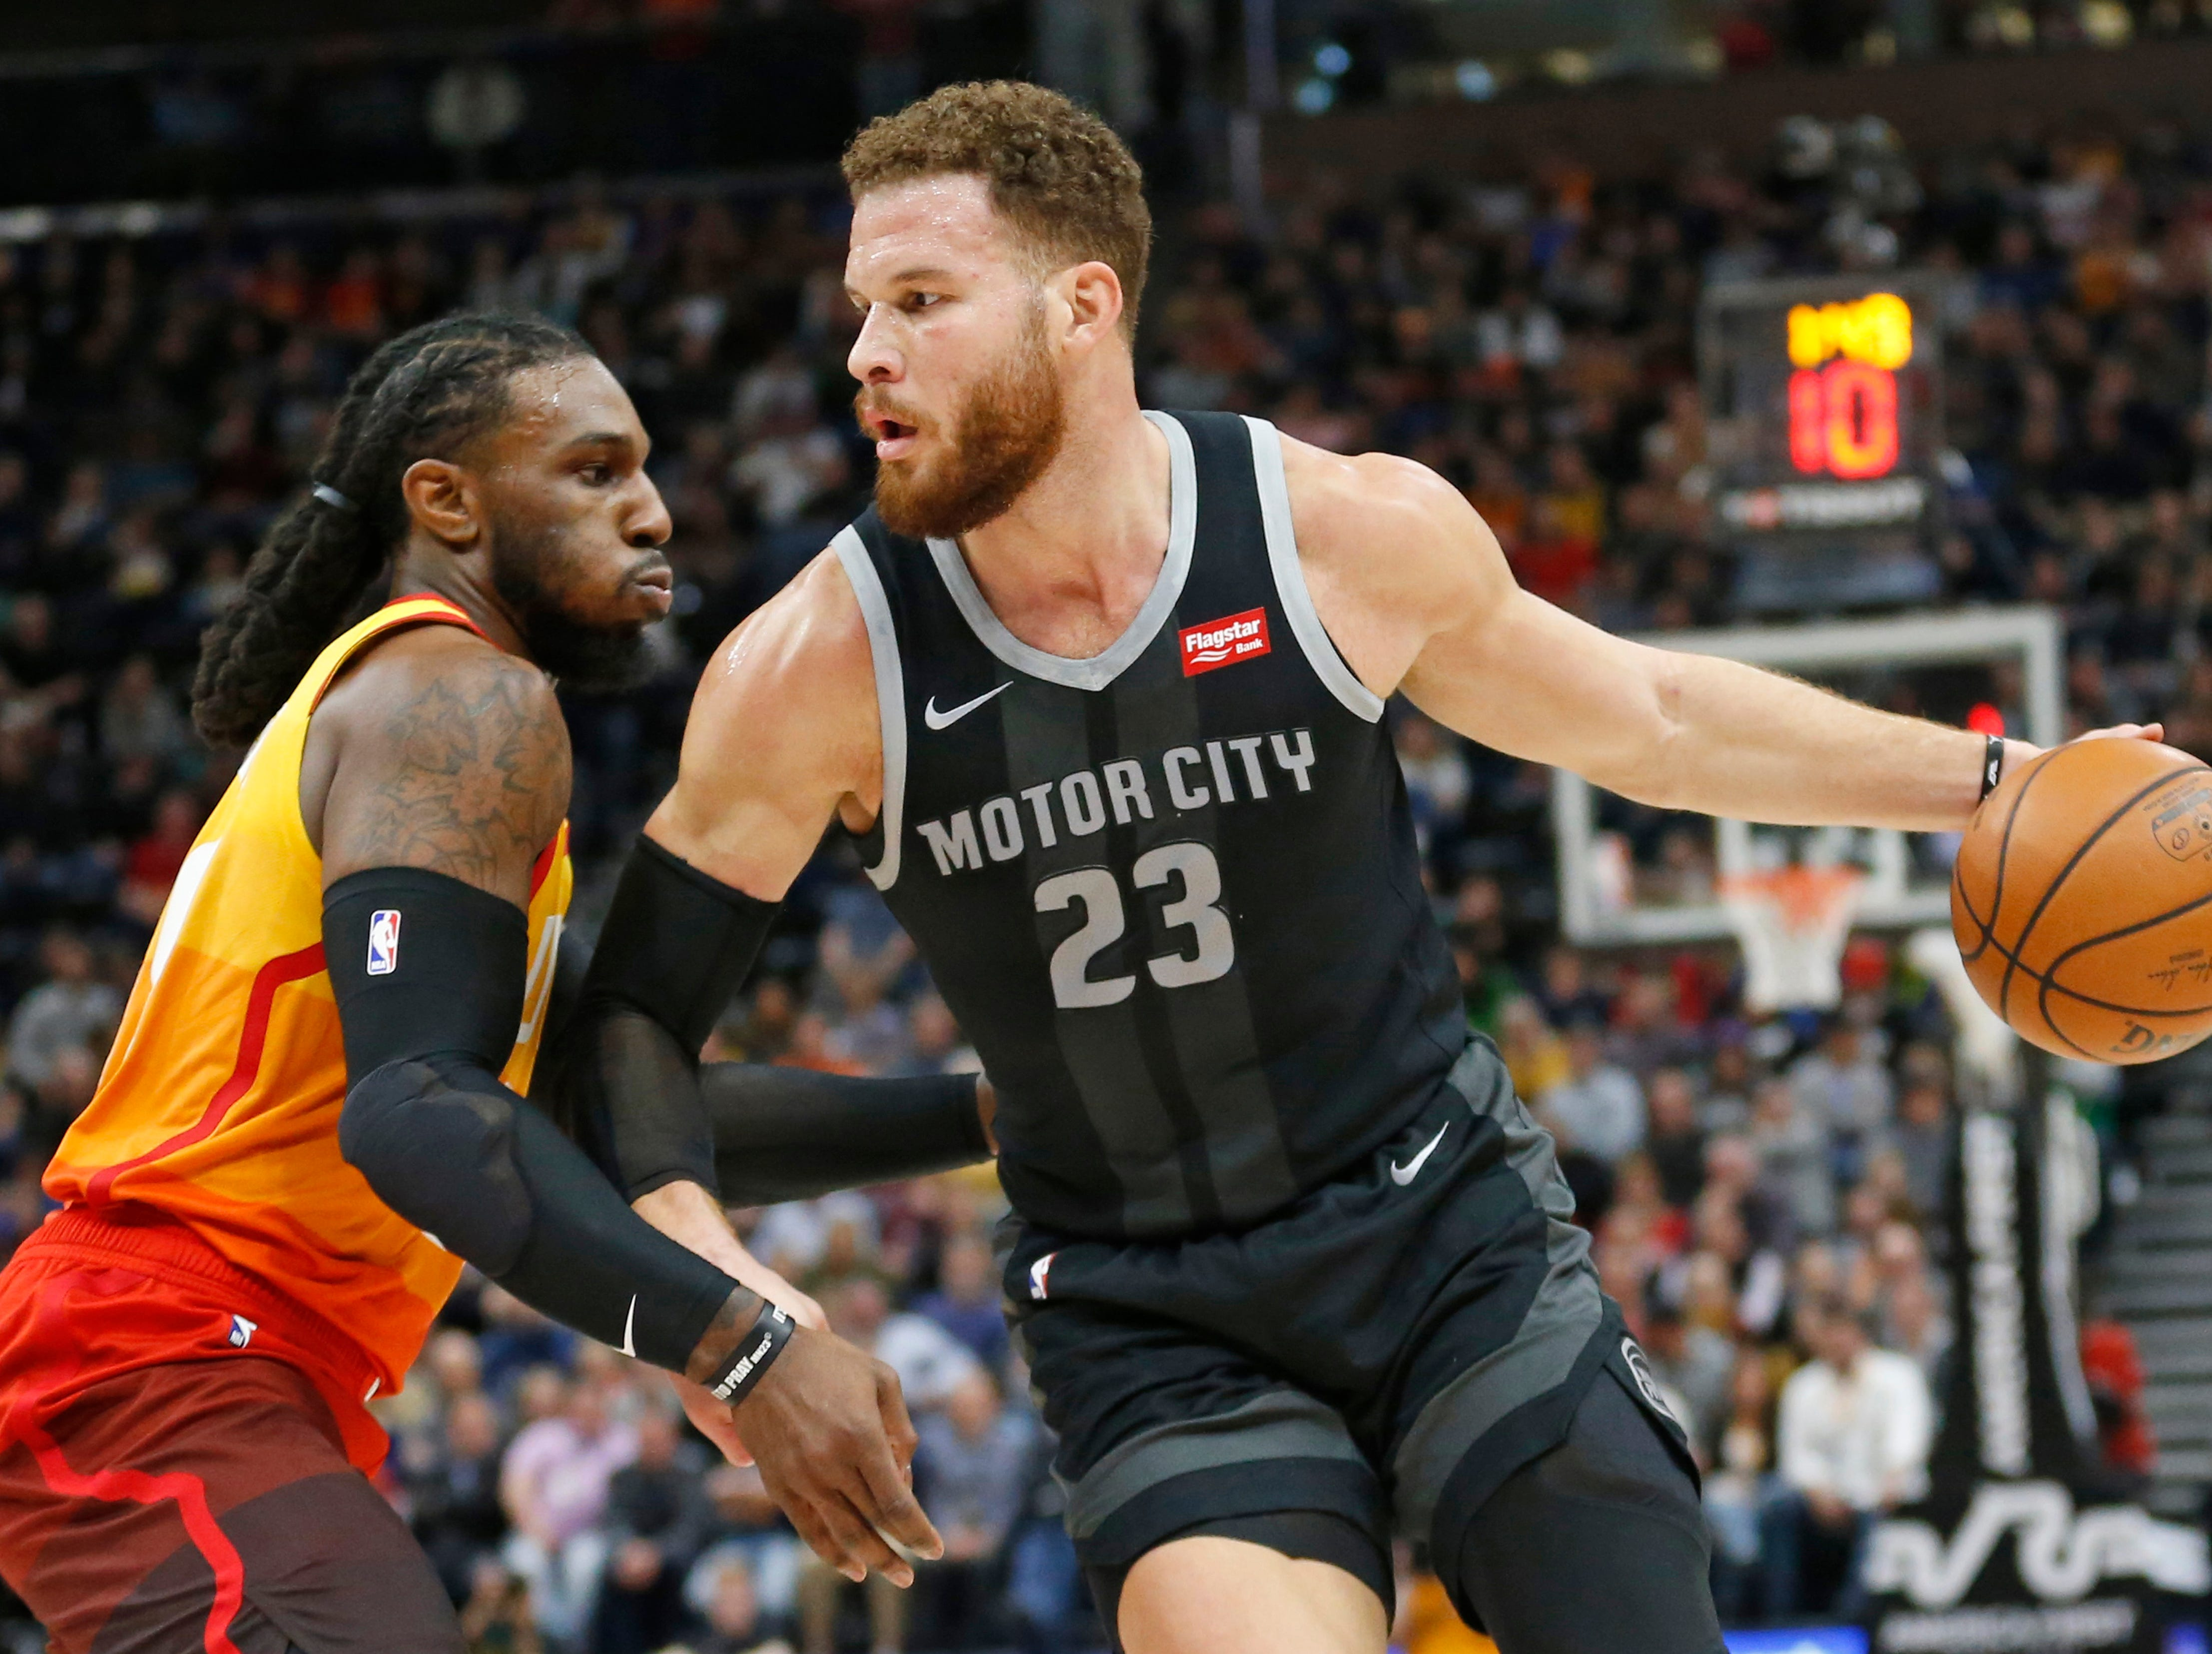 Utah Jazz forward Jae Crowder, left, guards Detroit Pistons forward Blake Griffin (23) during the first half of an NBA basketball game Monday, Jan. 14, 2019, in Salt Lake City. (AP Photo/Rick Bowmer)